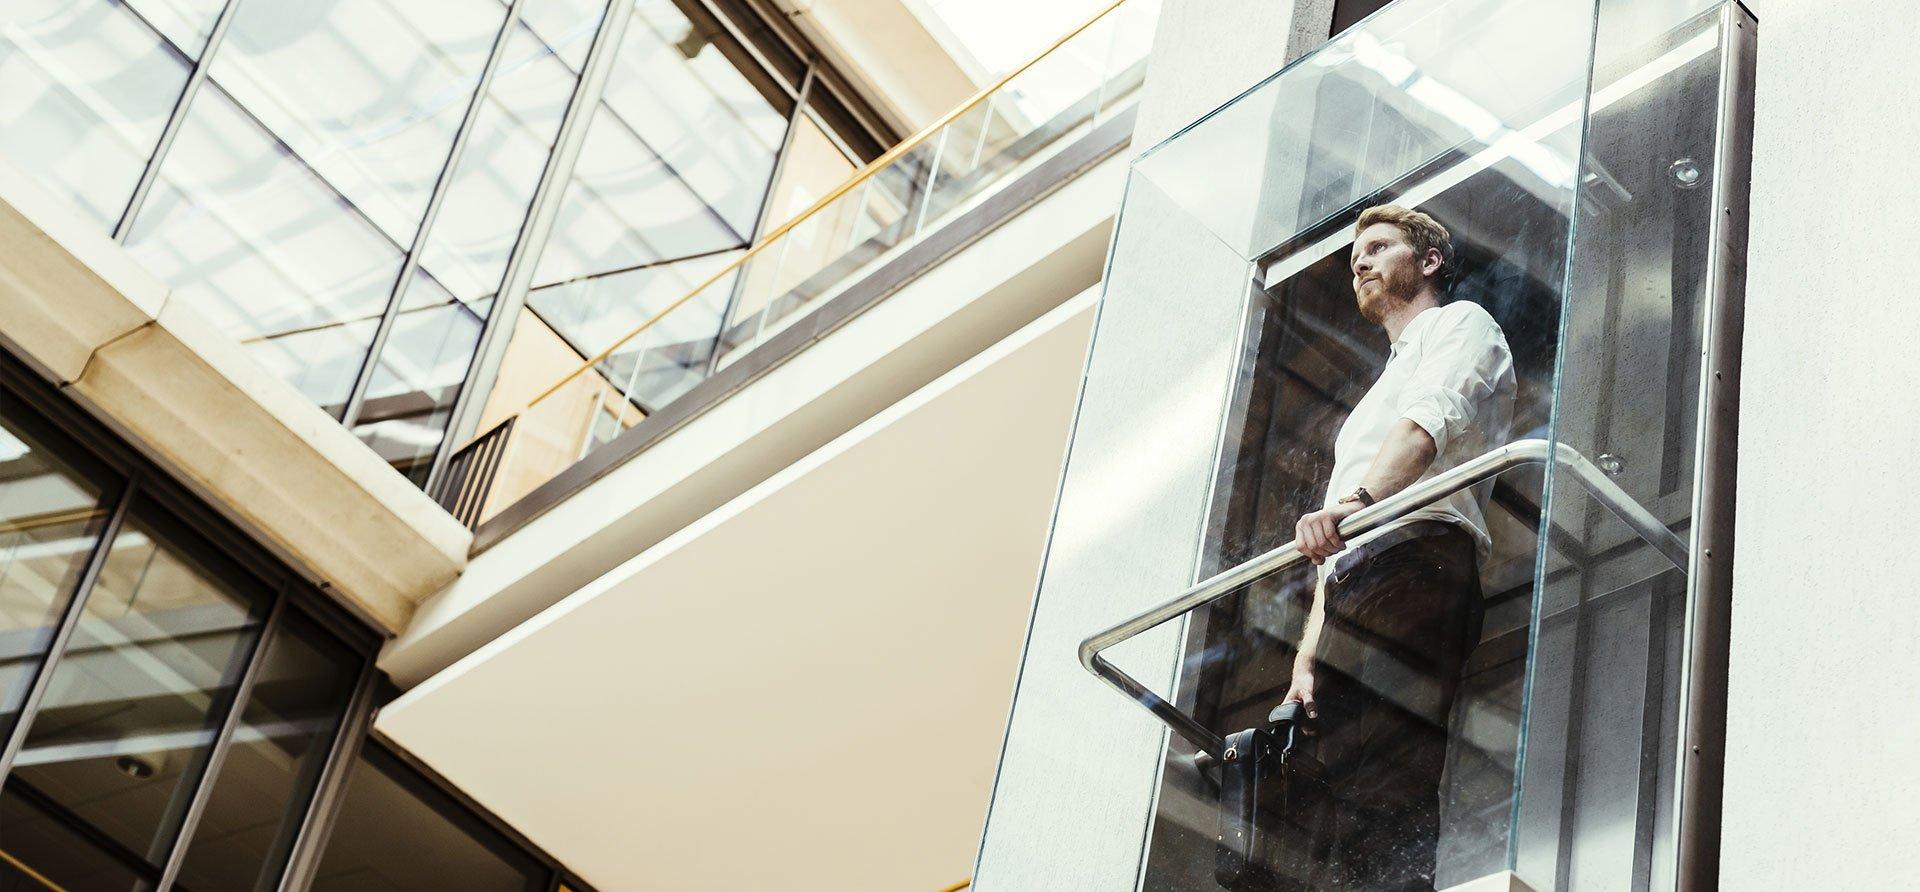 ascensores_1920x892